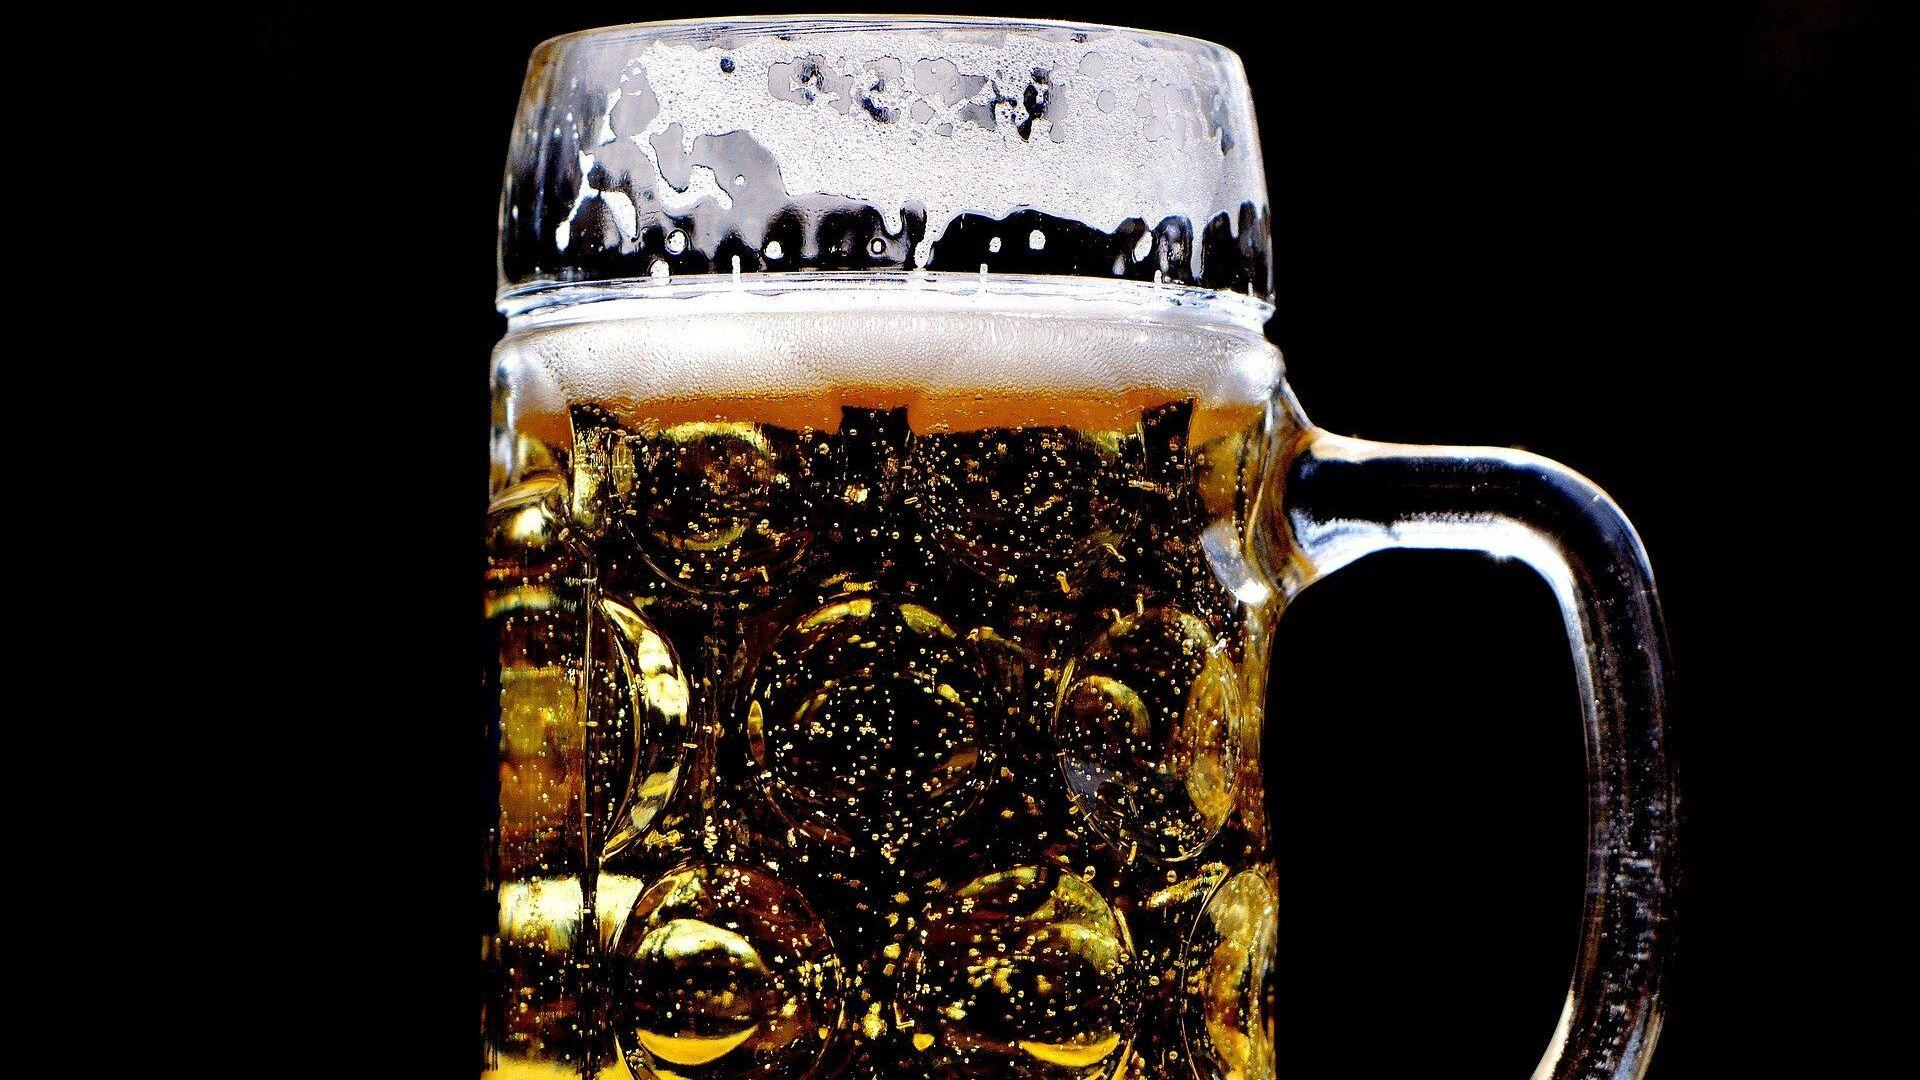 Cerveza (imagen referencial) - Sputnik Mundo, 1920, 25.06.2021